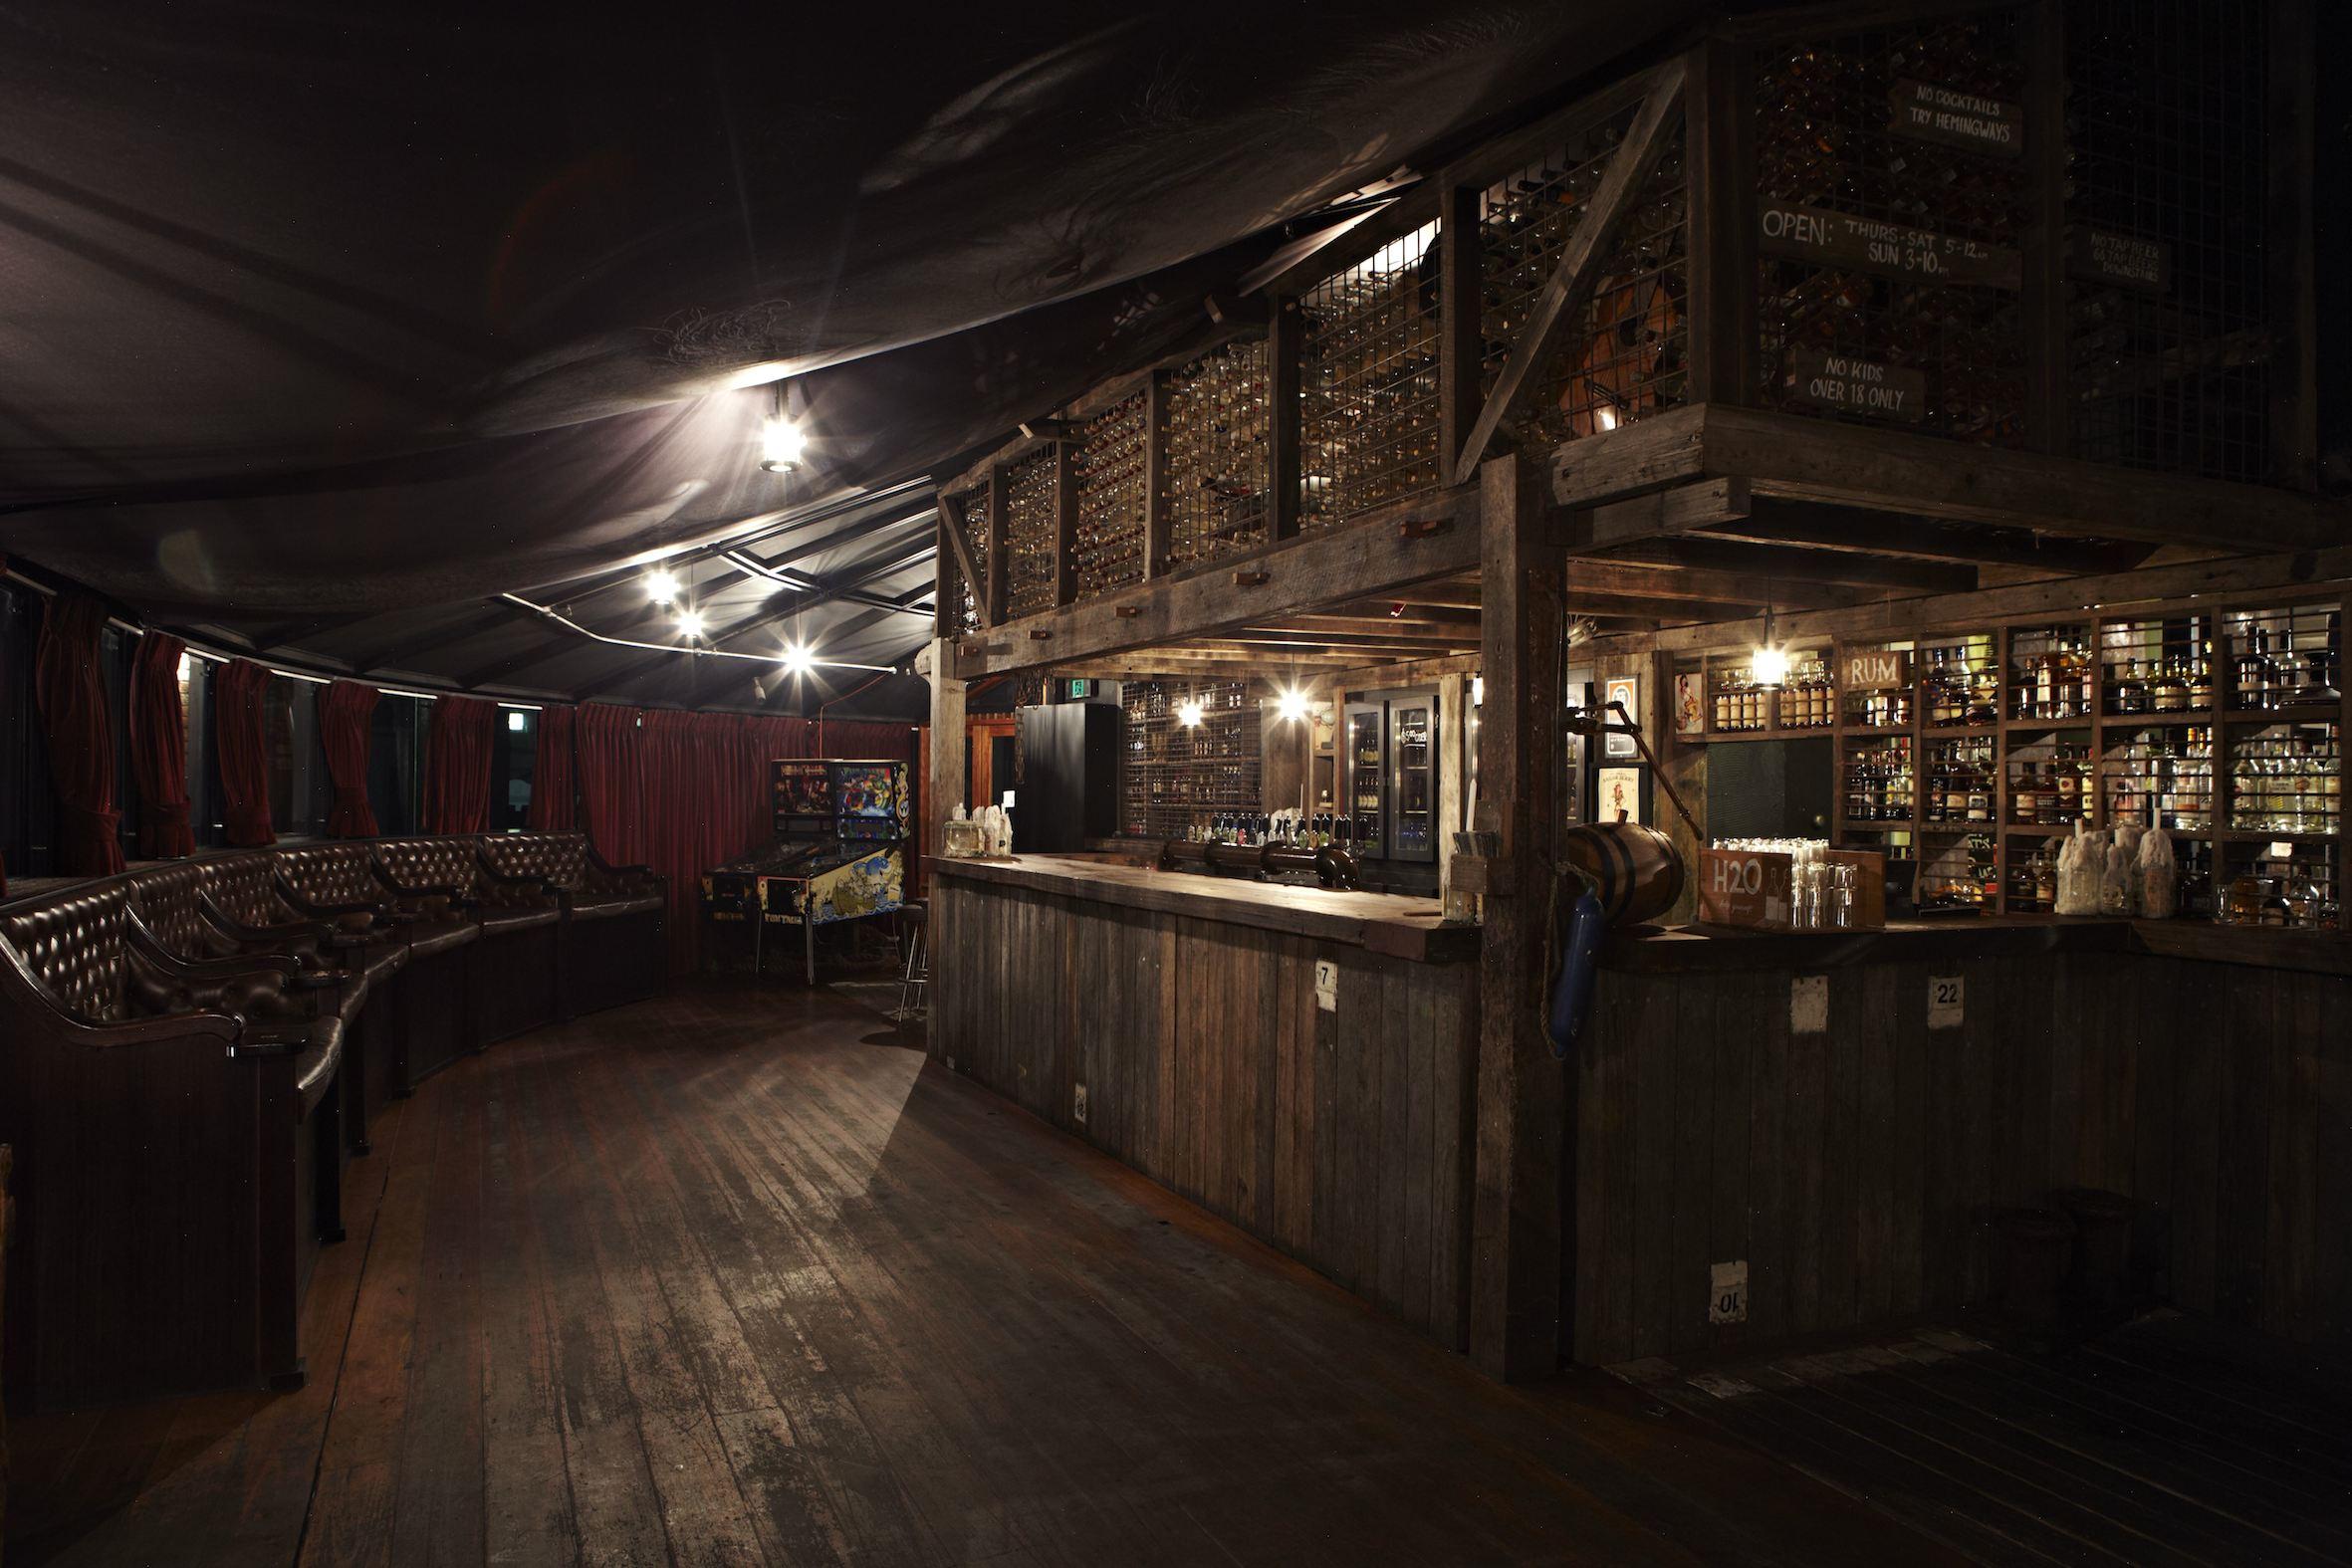 Hotel Steyne - Manly Moonshine Bar